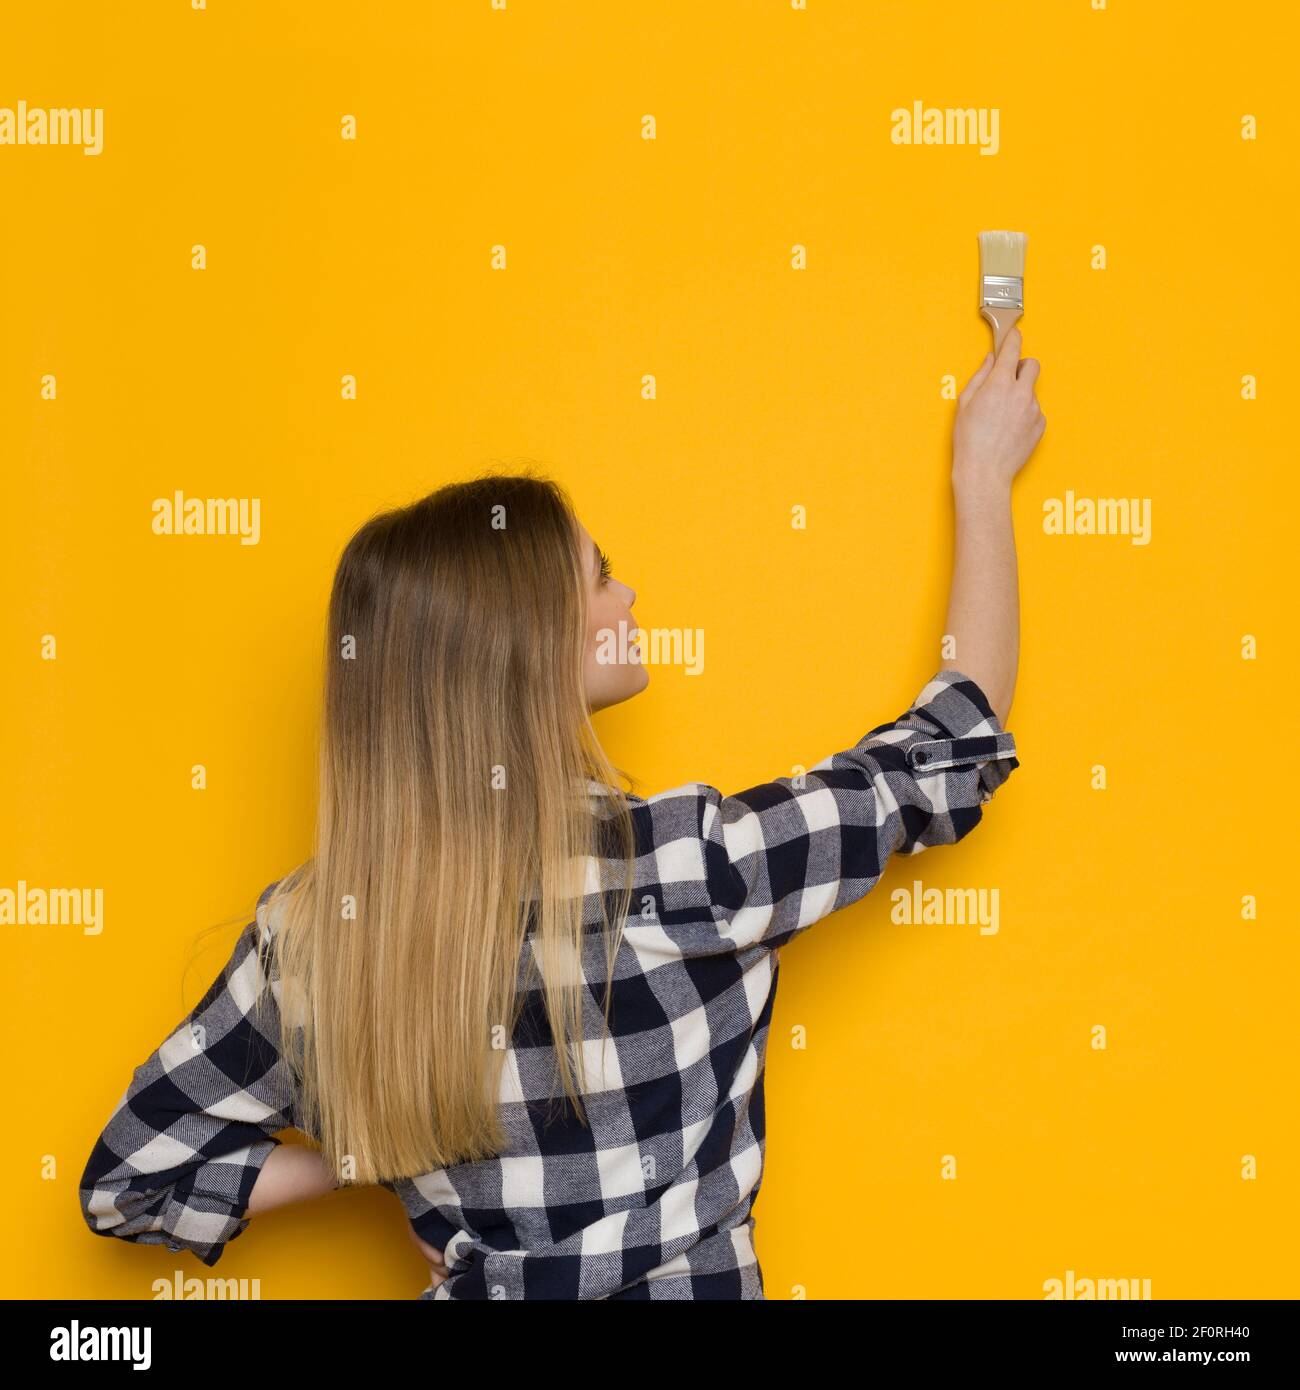 La jeune femme blonde en chemise de bûcherons peint un mur jaune. Vue arrière. Taille haute. Banque D'Images